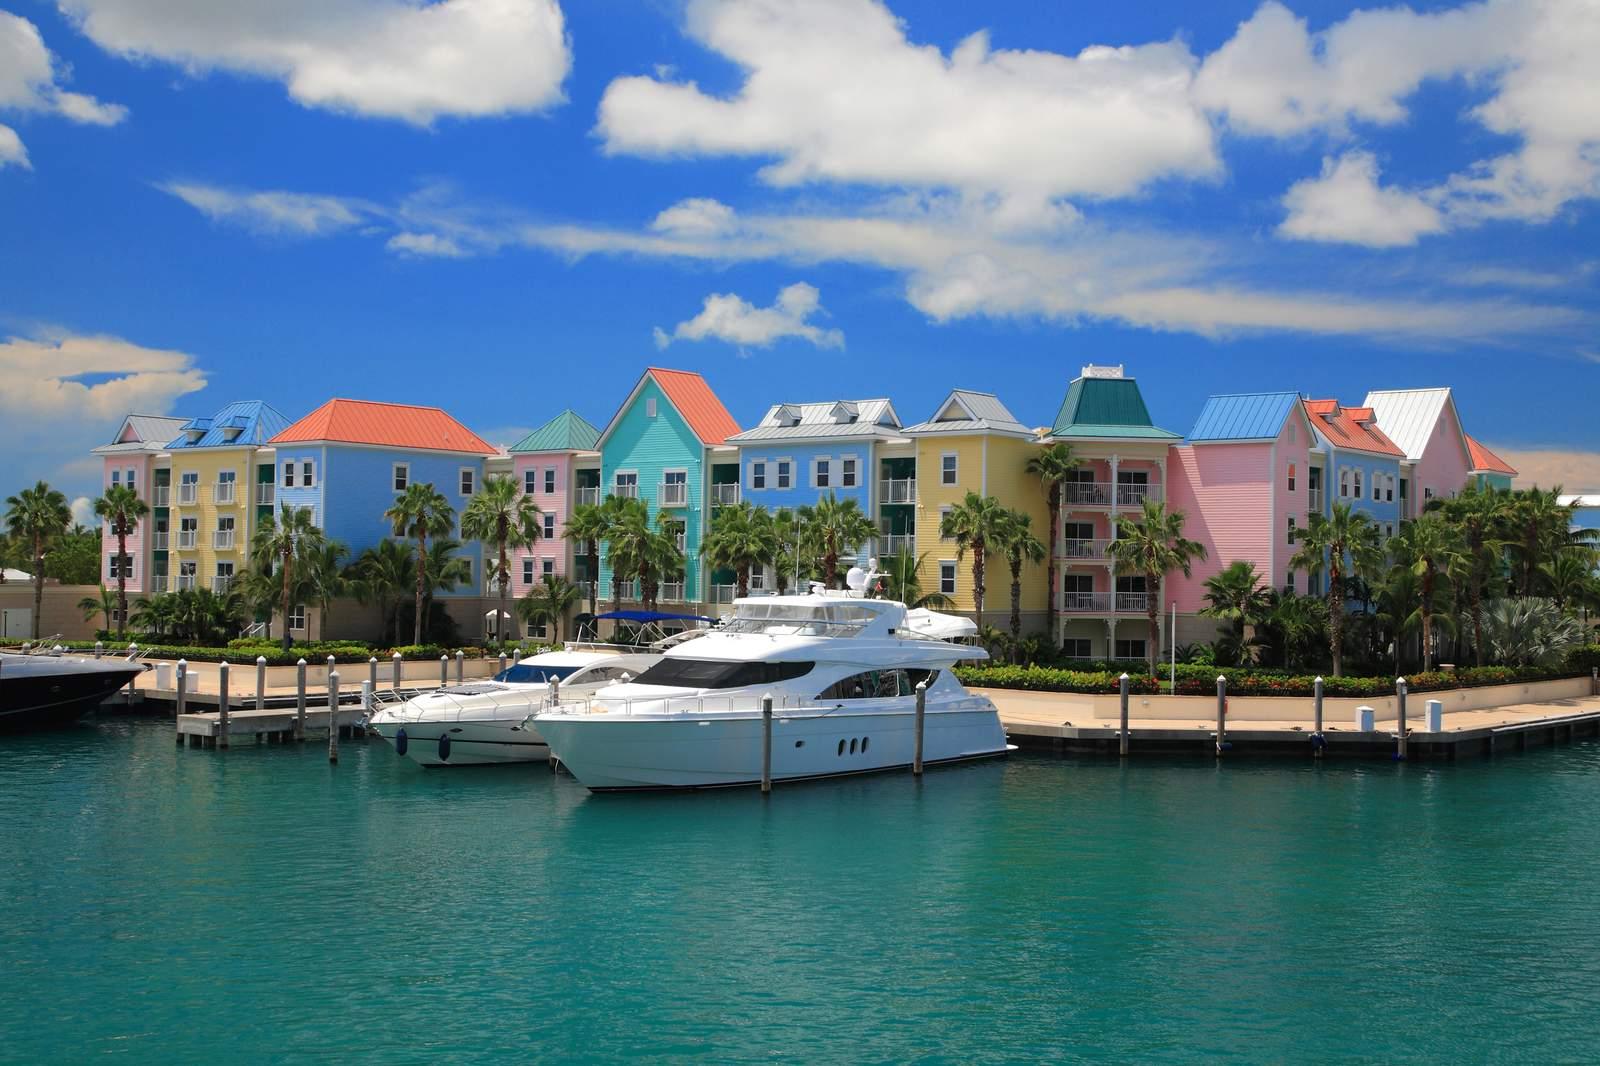 Paradise Island - ein beliebtes Urlaubsziel